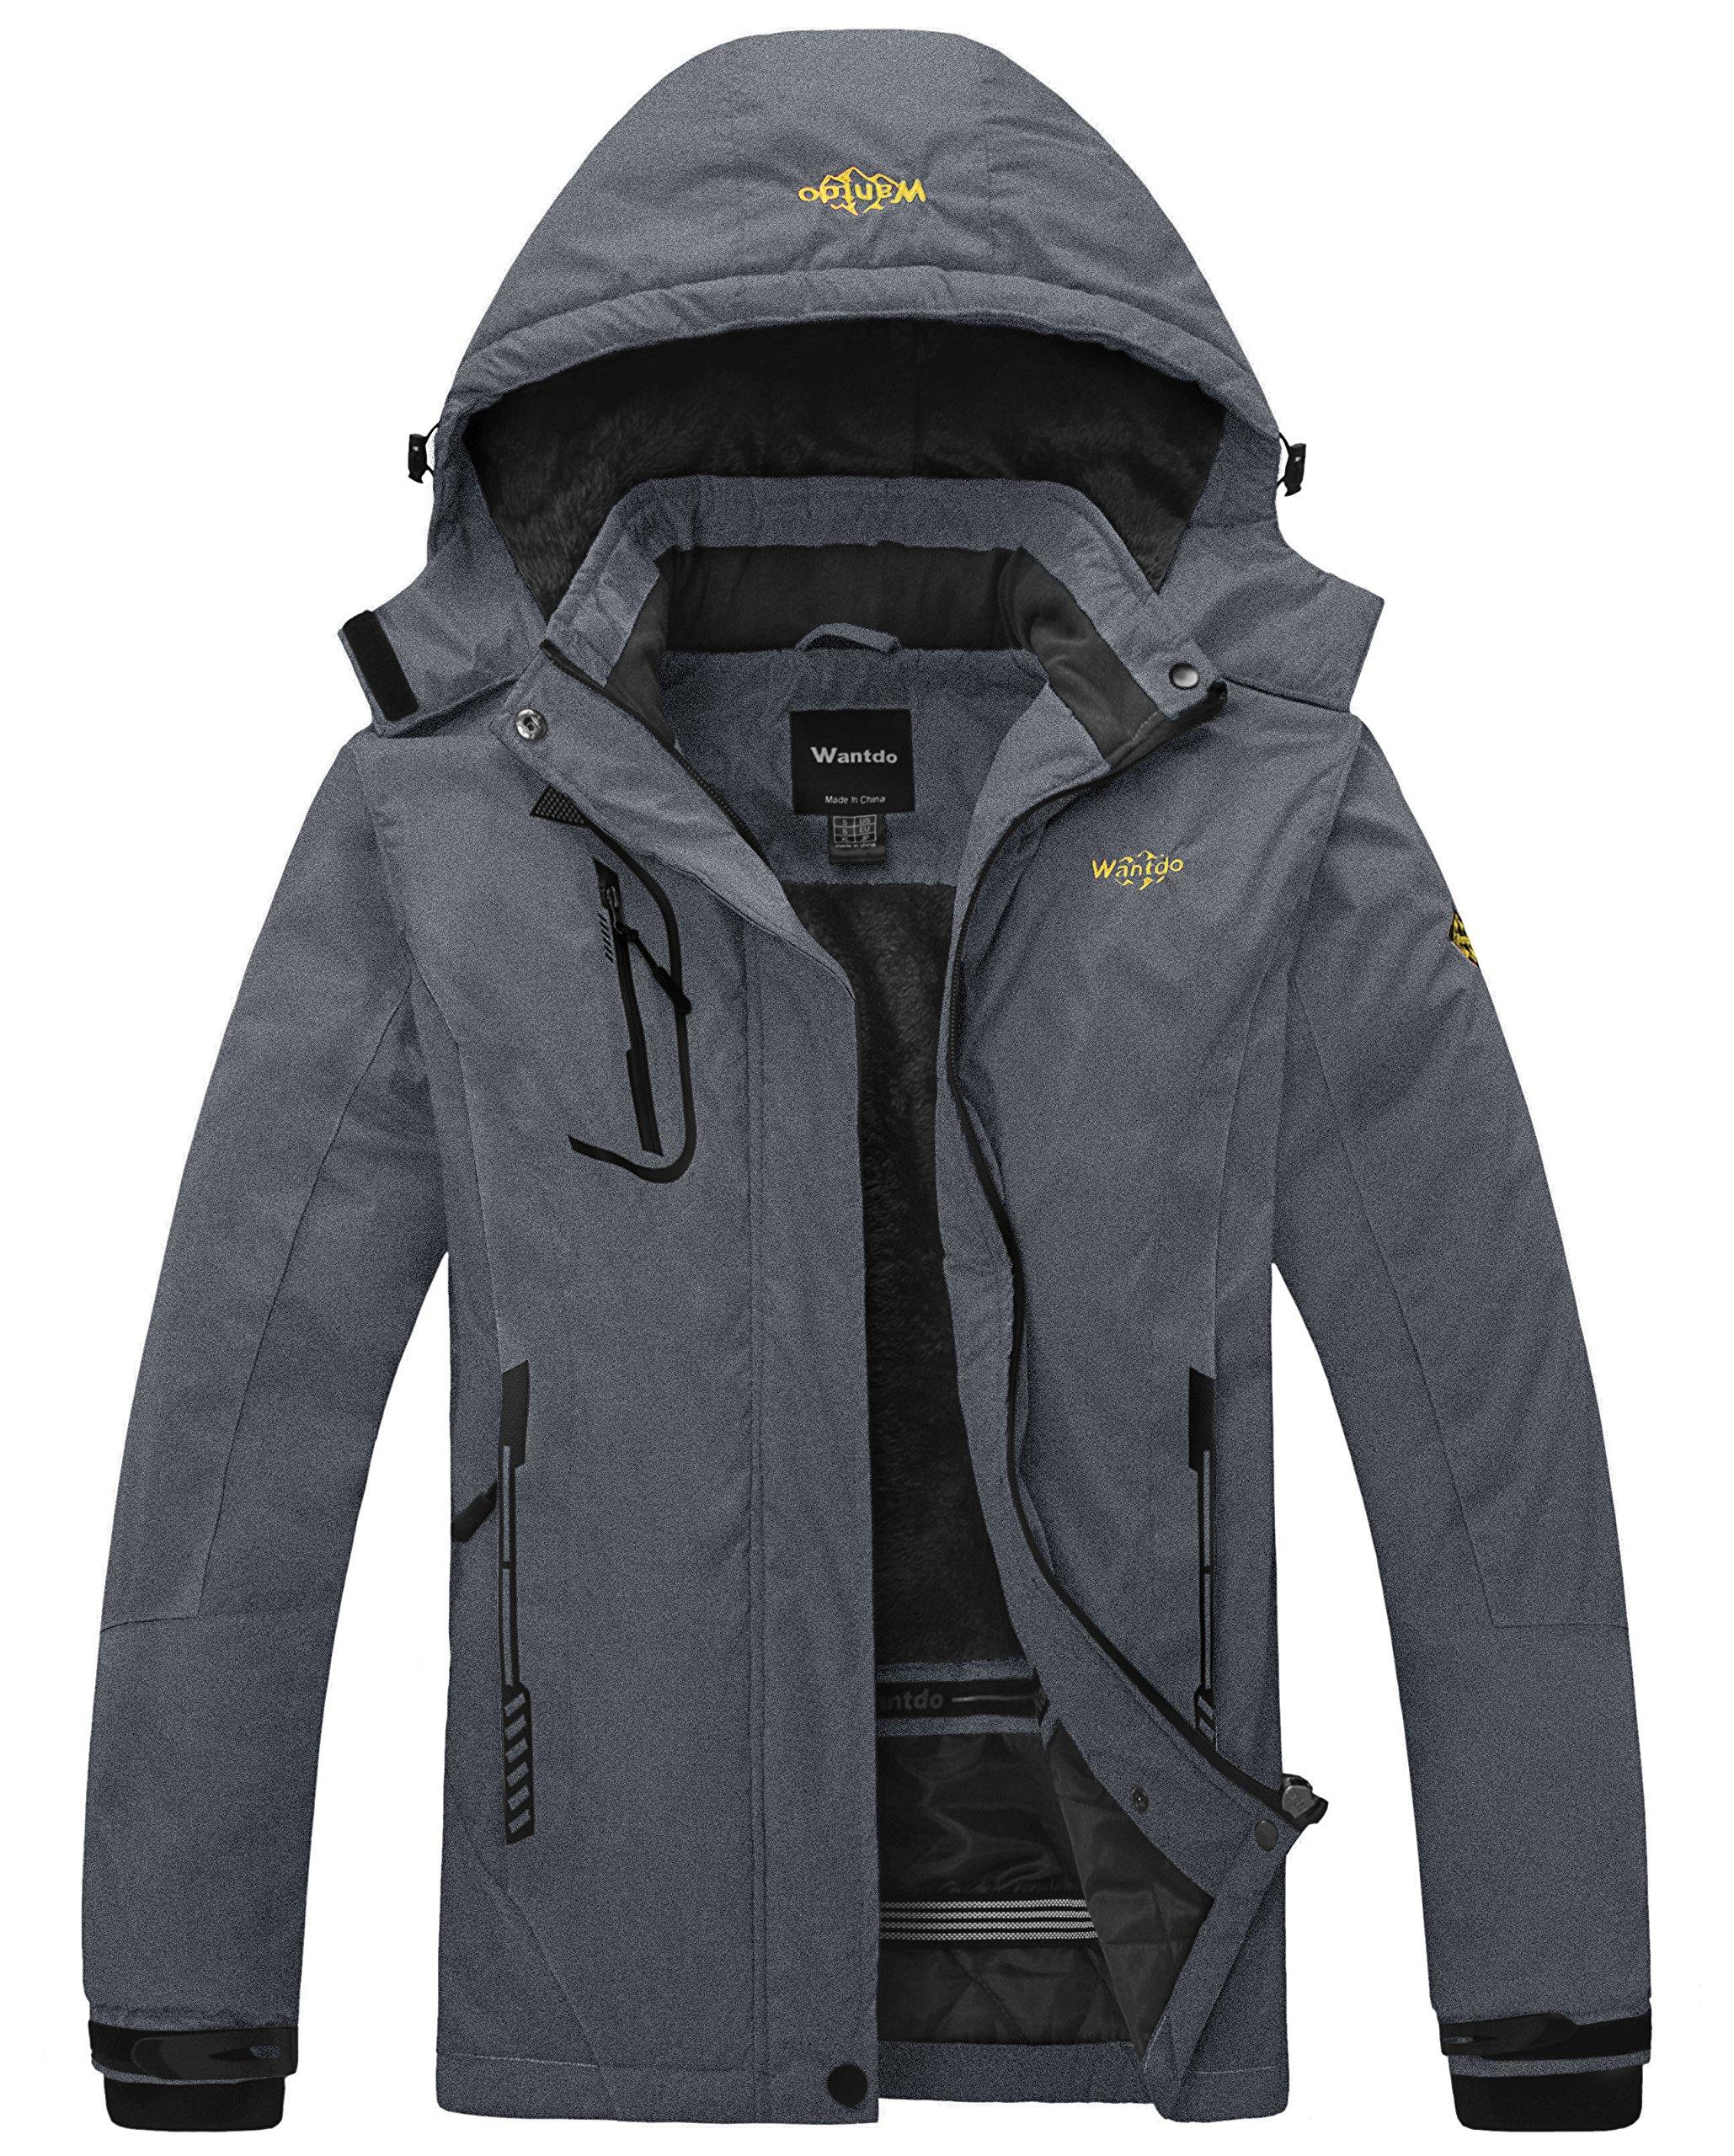 Wantdo Women's Waterproof Mountain Jacket Fleece Windproof Ski Jacket Snowboarding Jacket (US S) Dark Grey